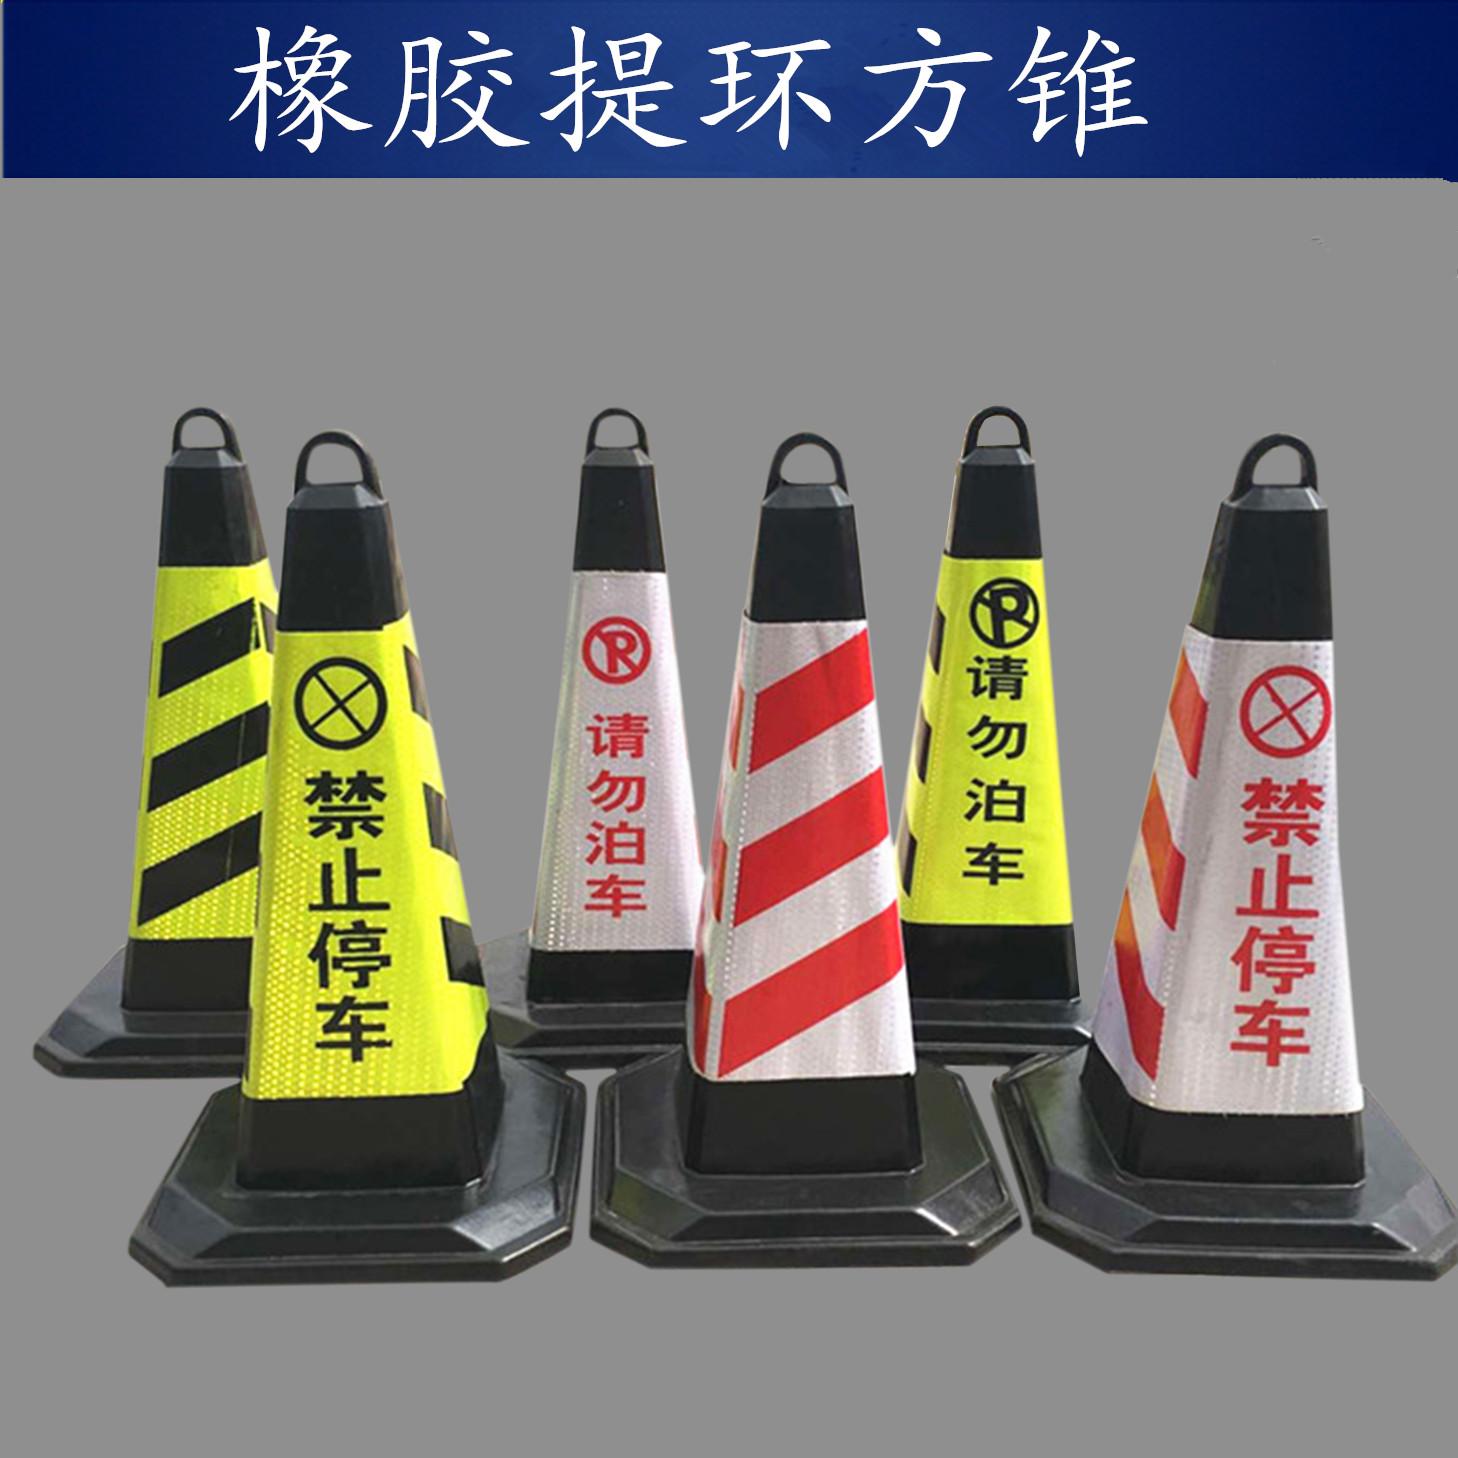 Cilindro de caucho por estacionamiento prohibido estacionar barricadas de cono cono cono tablón más denso de 70